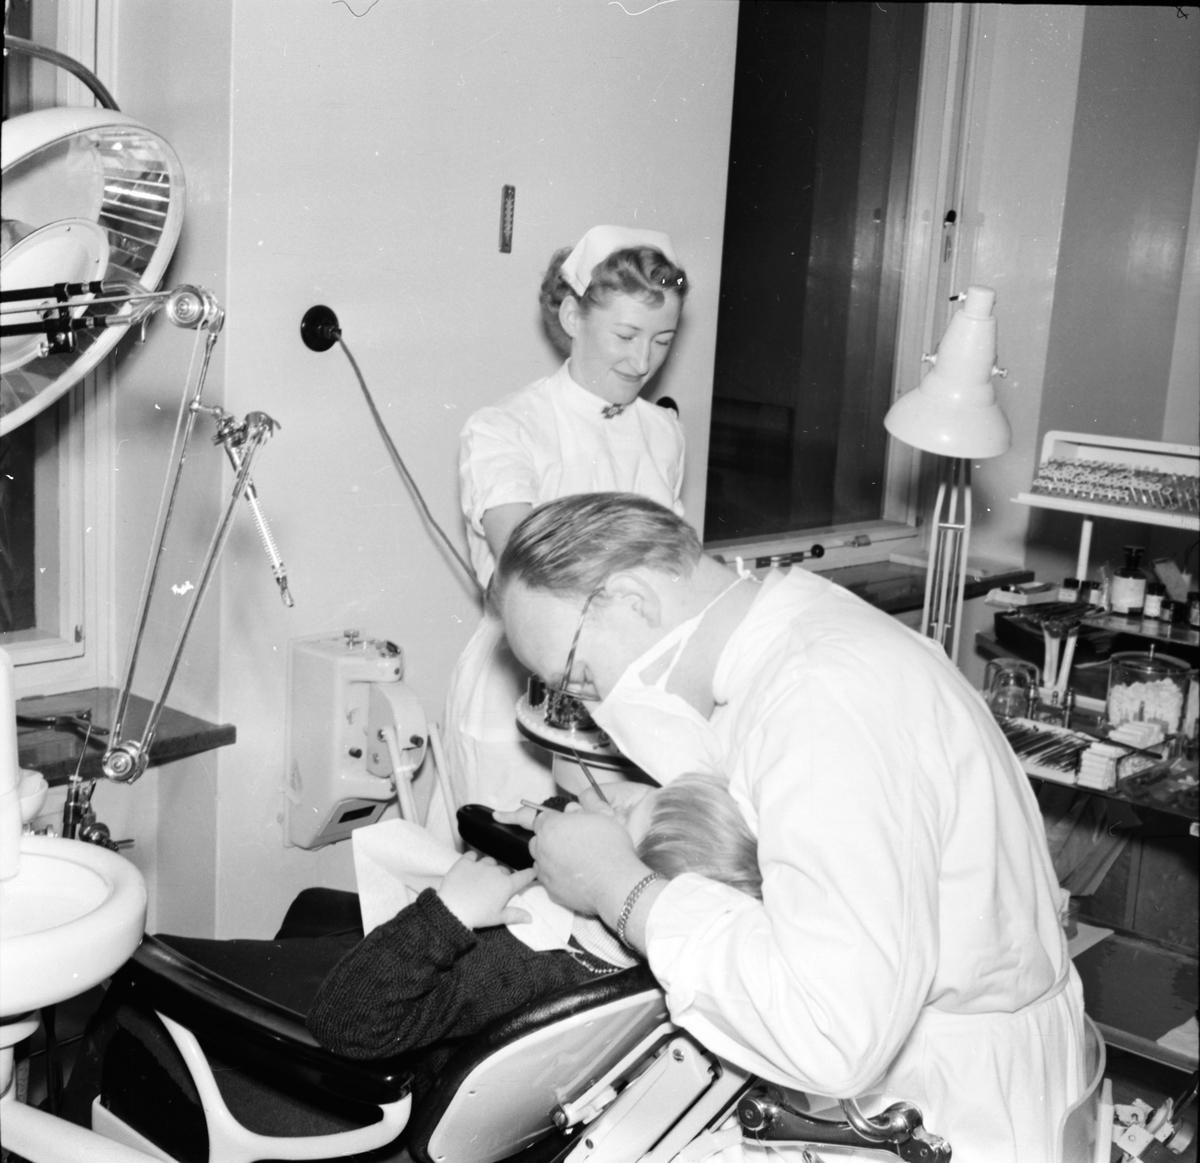 Skollärare Ruth och tandläkare Pelle Flygt f 1913-d 2005. Pelle var chef för södra Norrlands folktandvård och han var stationerad i Bollnäs fram till pensionen.